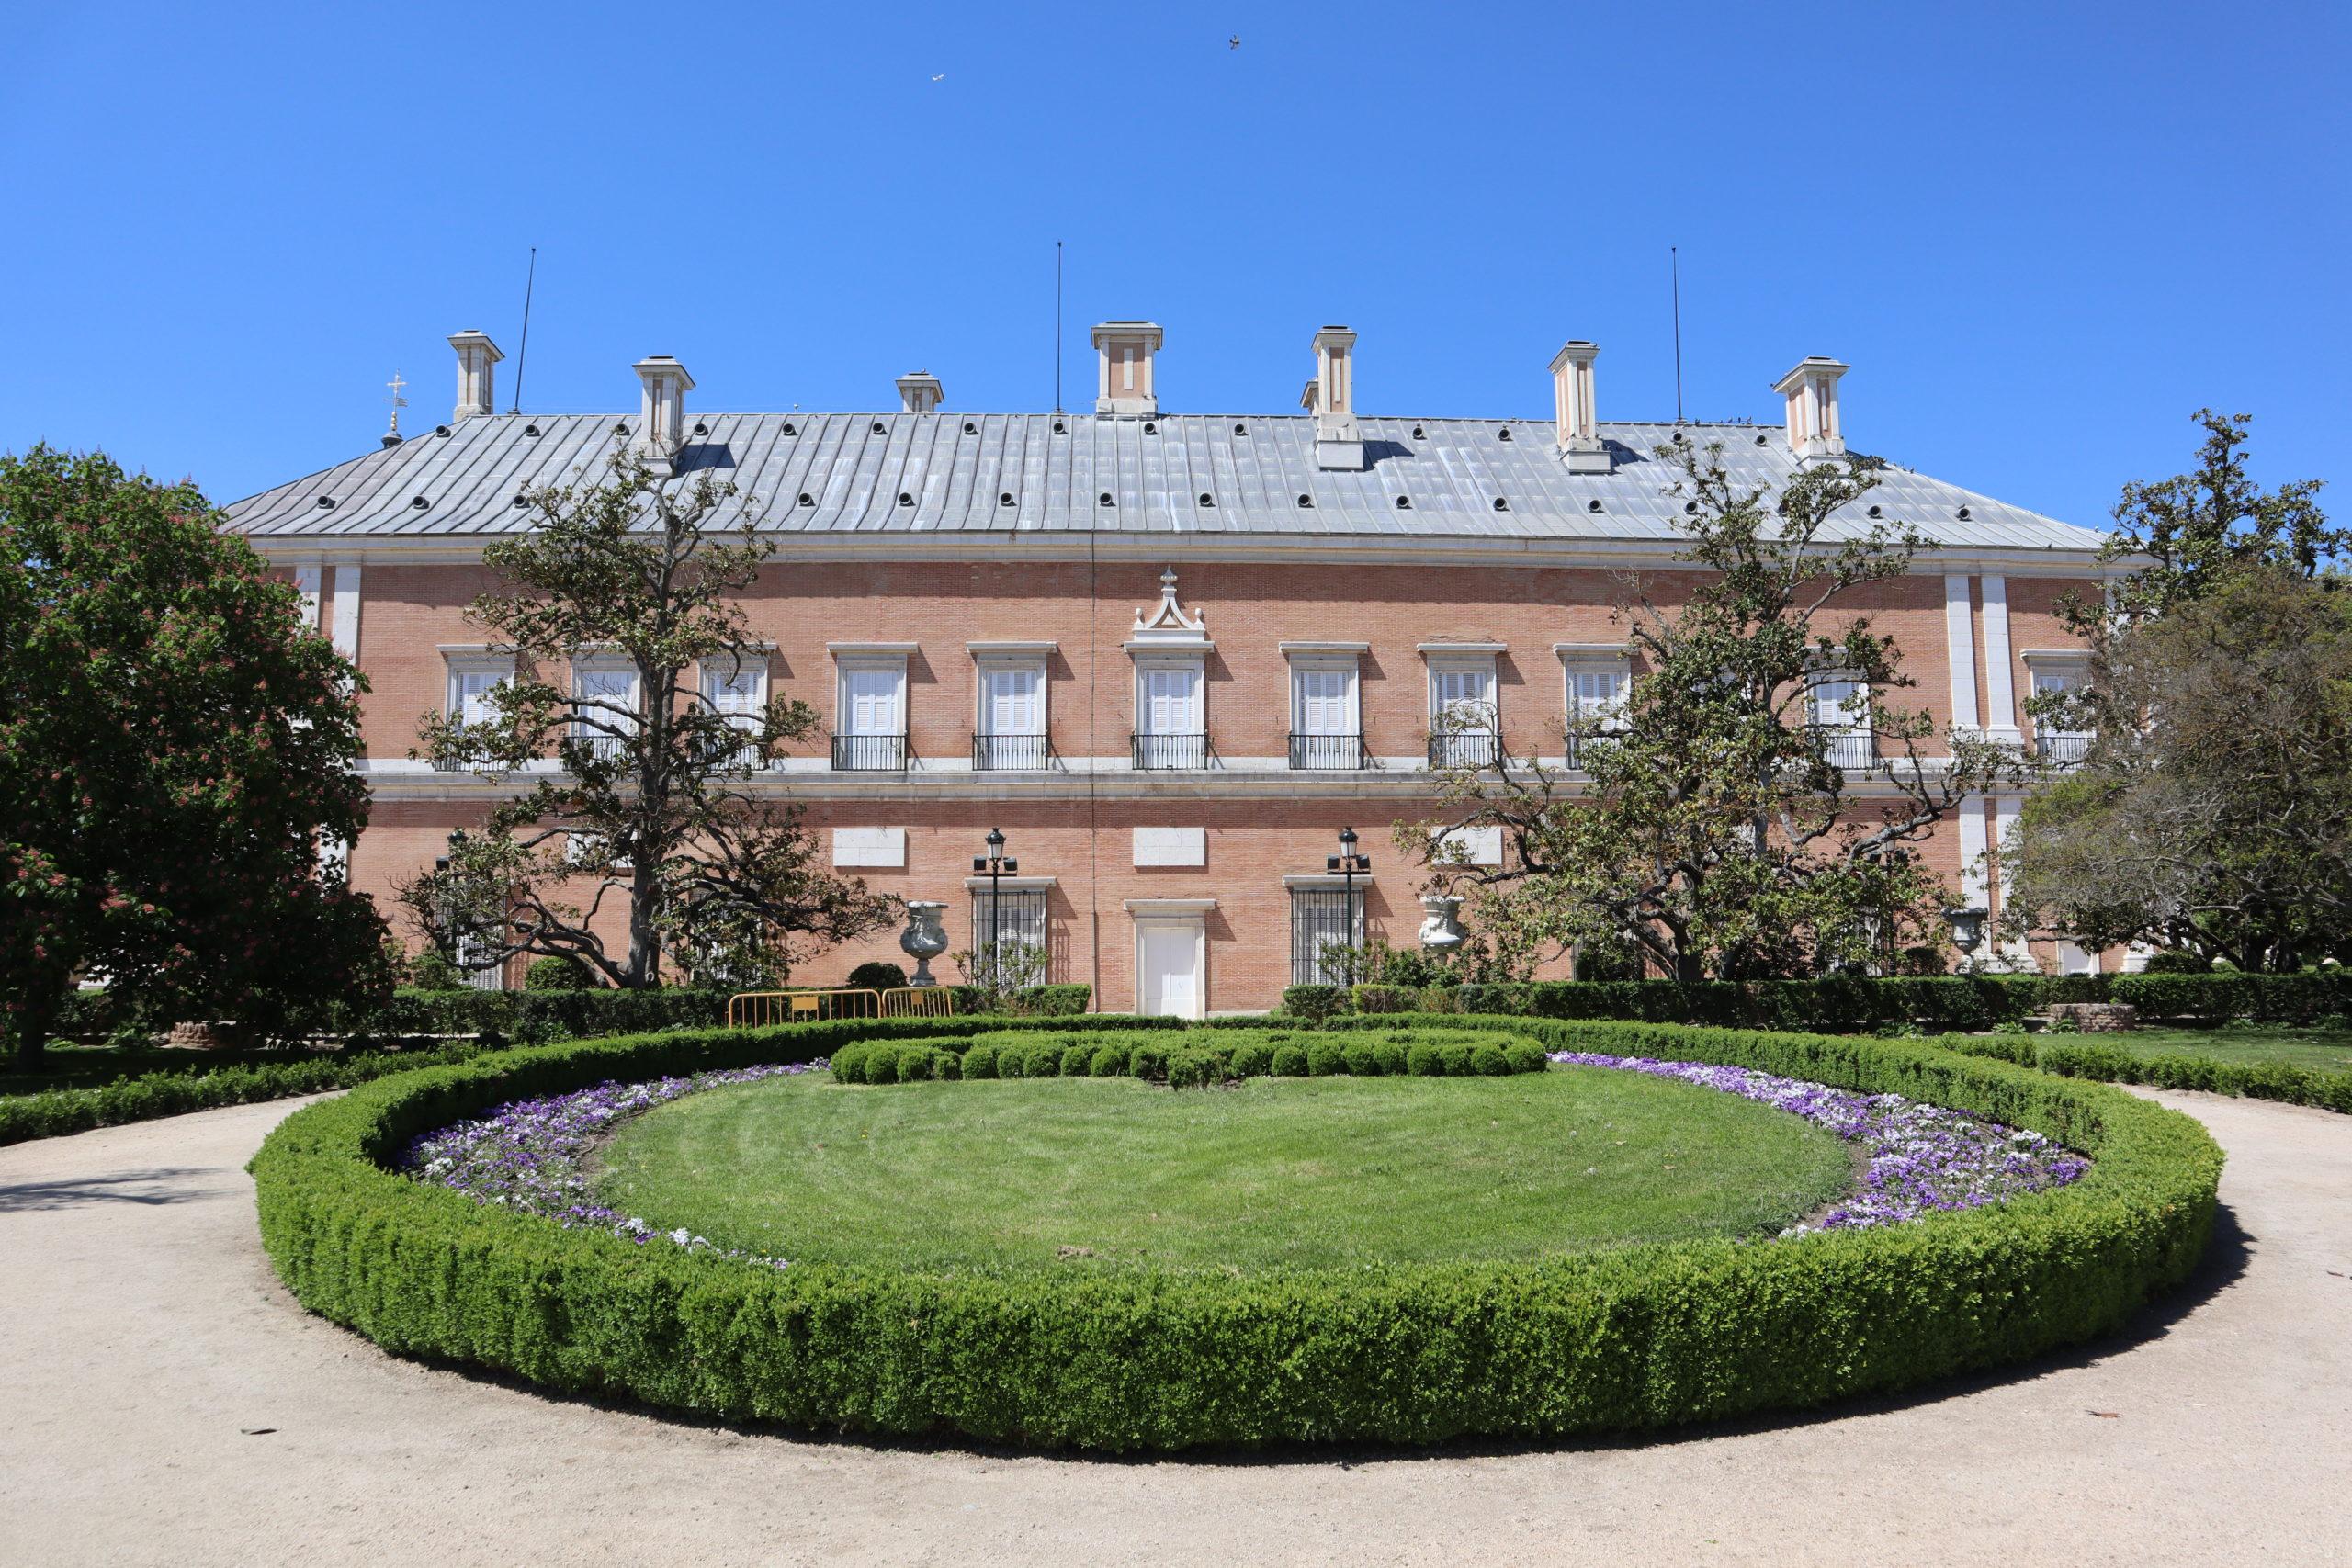 como-ver-palacio-real-aranjuez